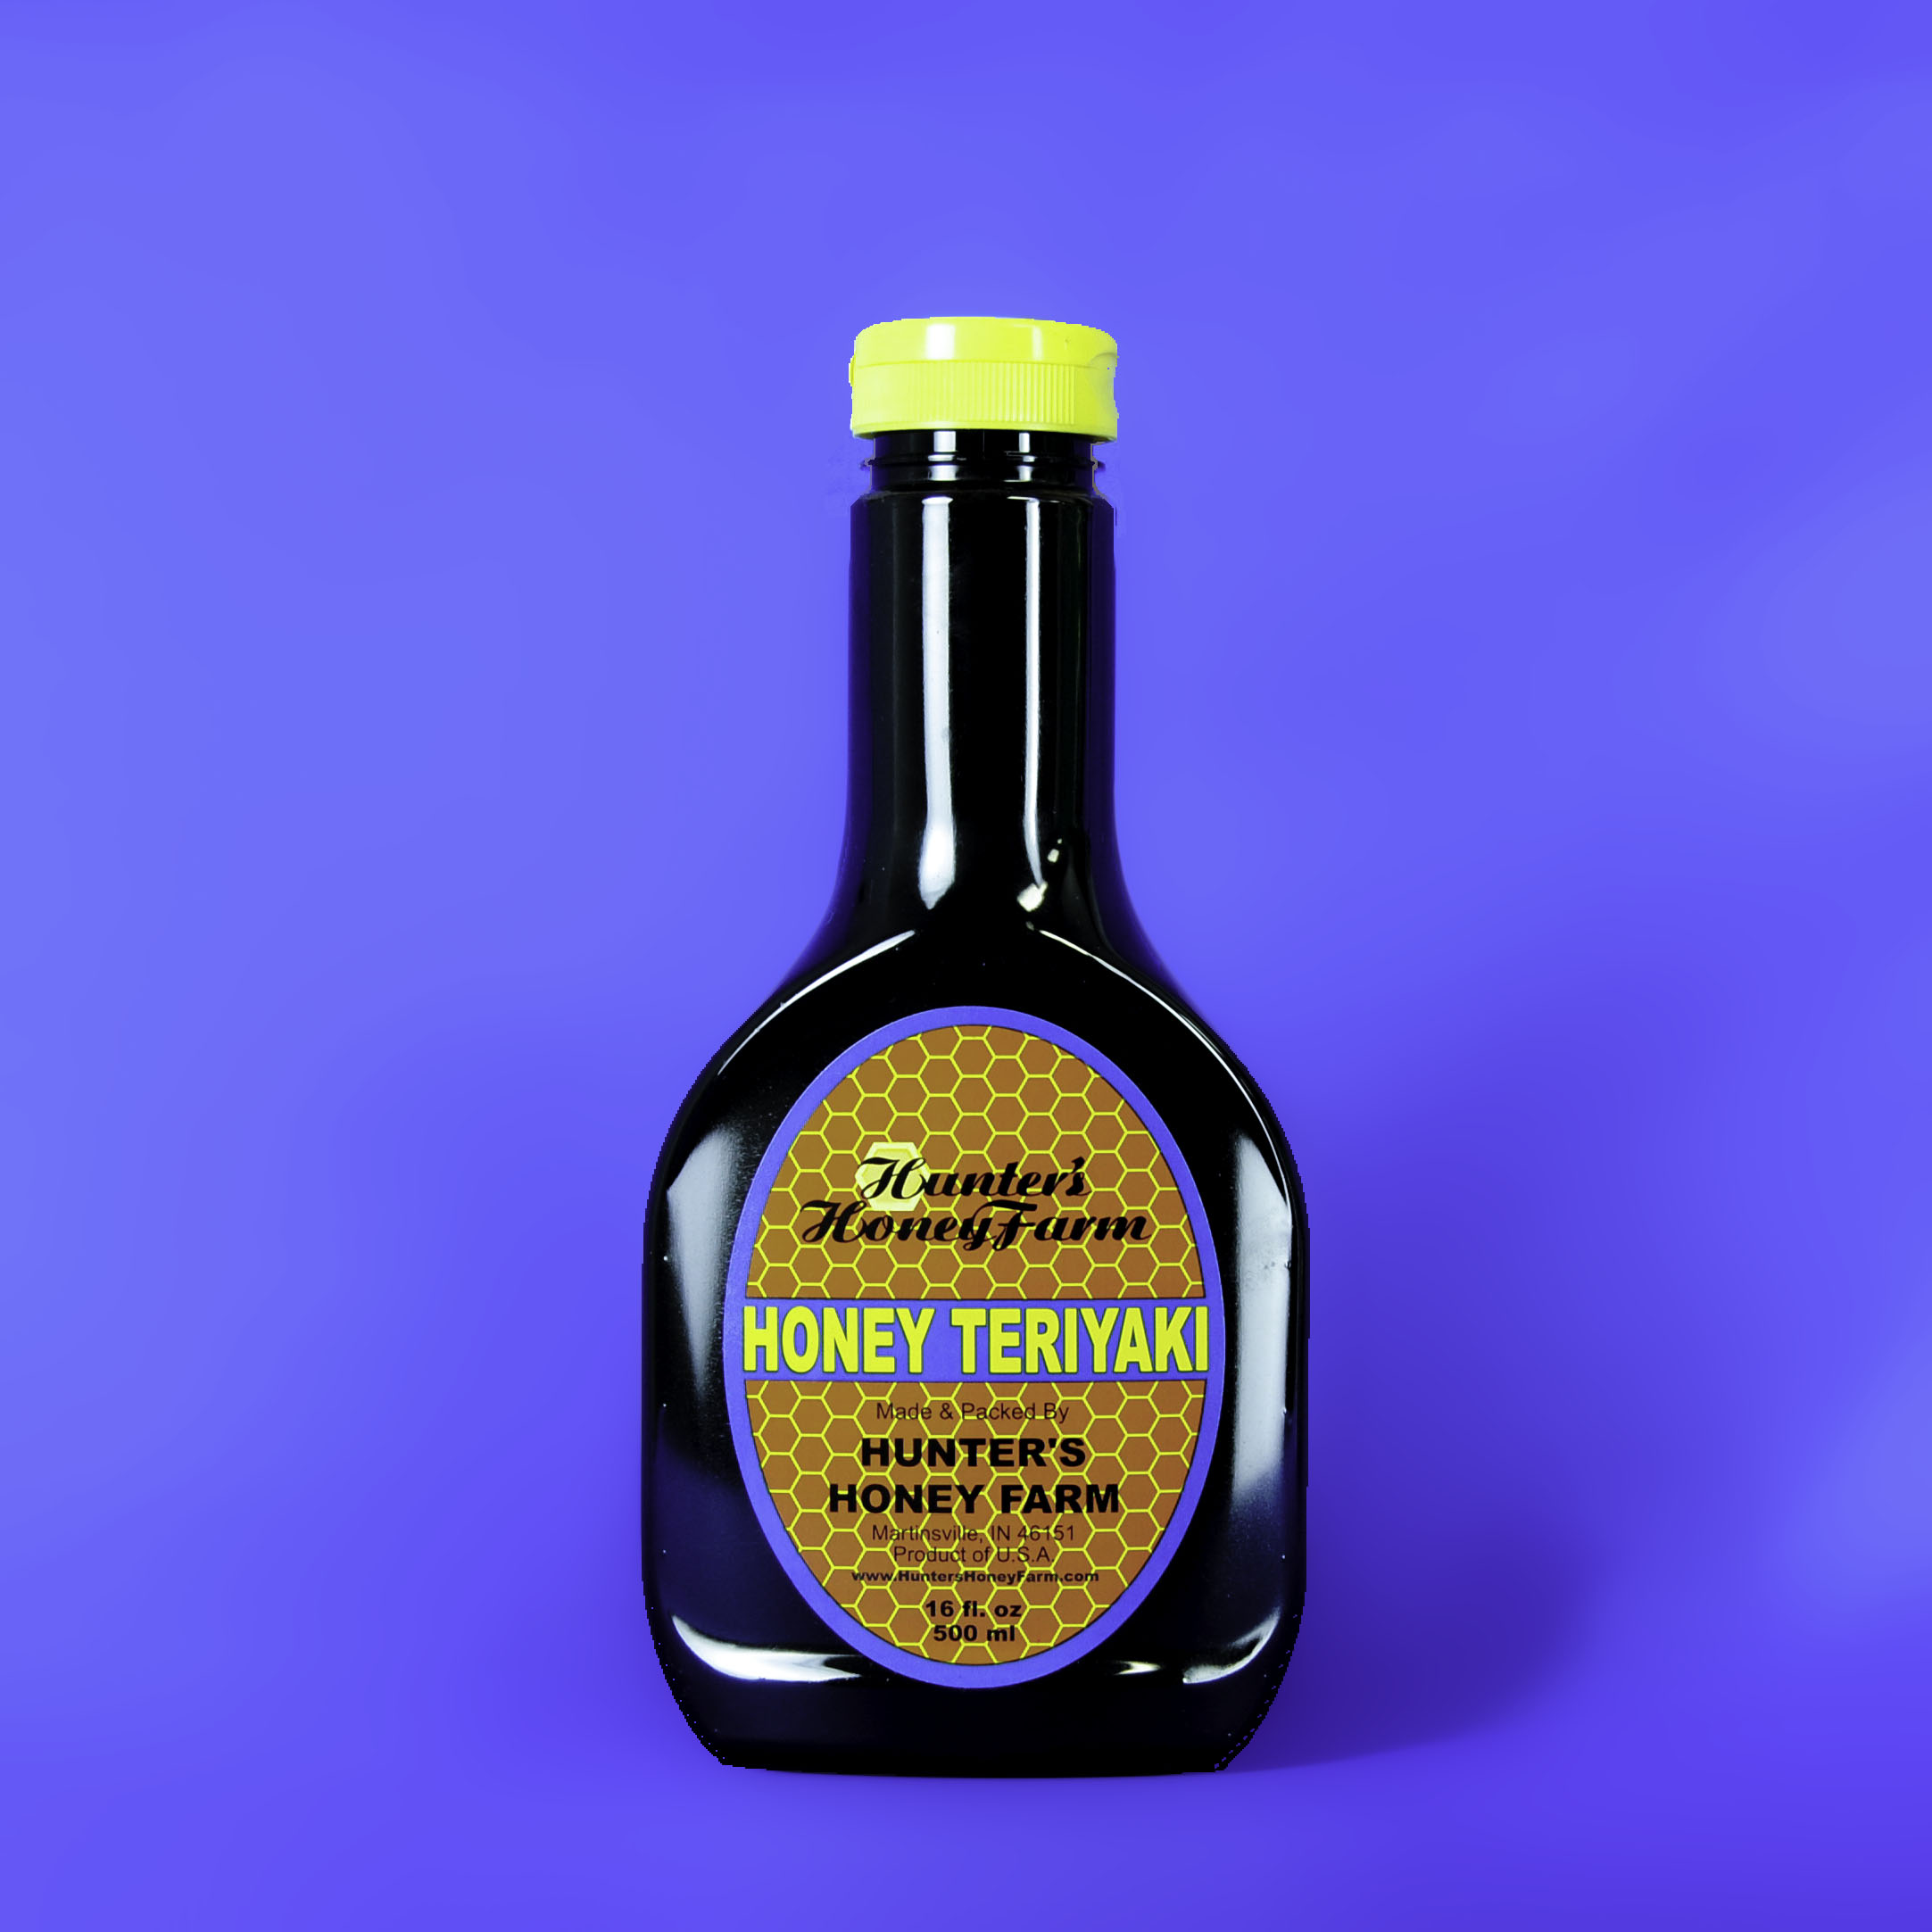 Honey Teriyaki Sauce